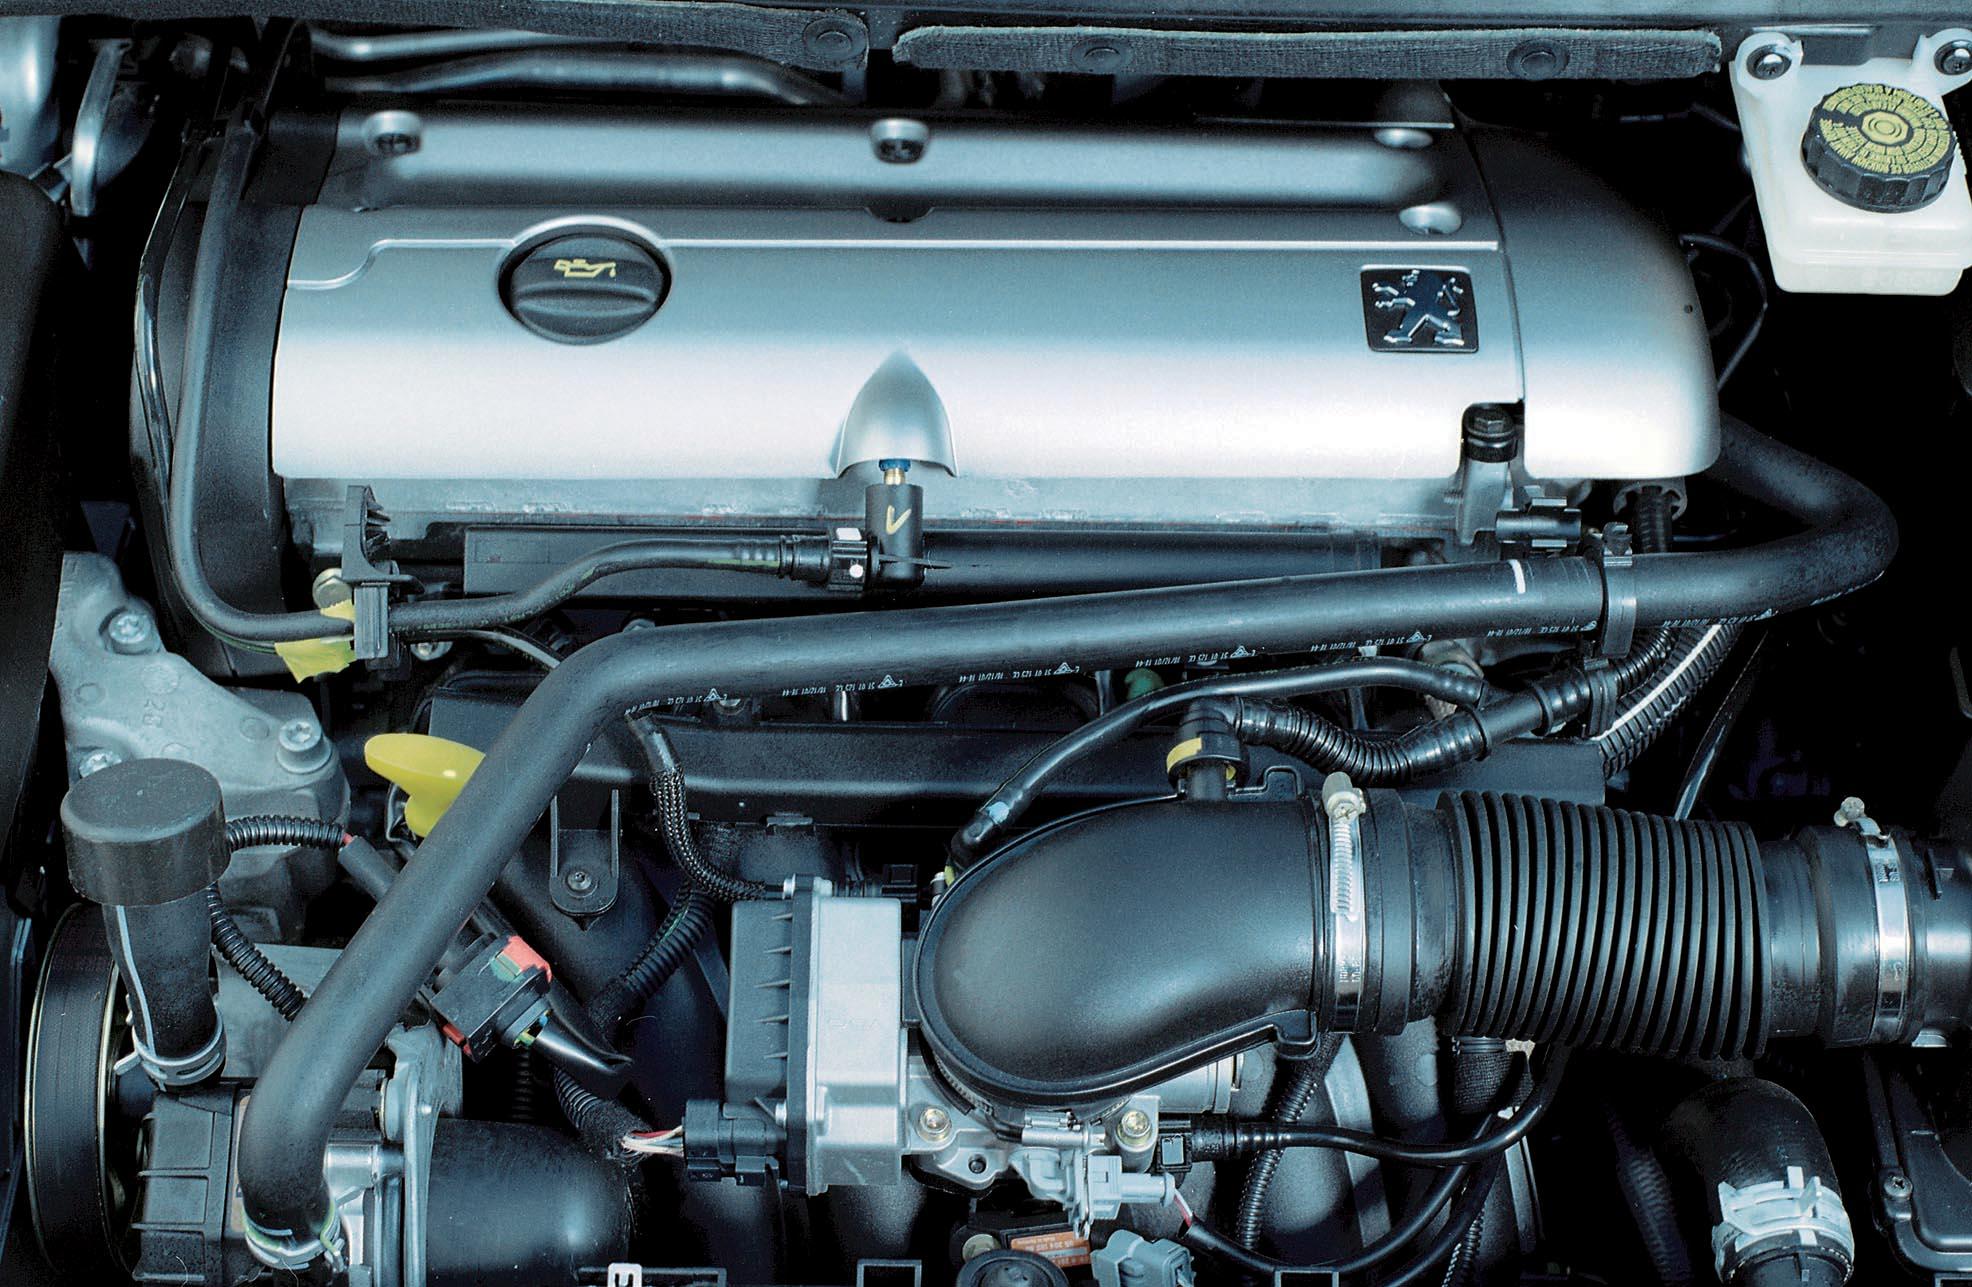 peugeot 307 5 doors specs - 2001, 2002, 2003, 2004, 2005